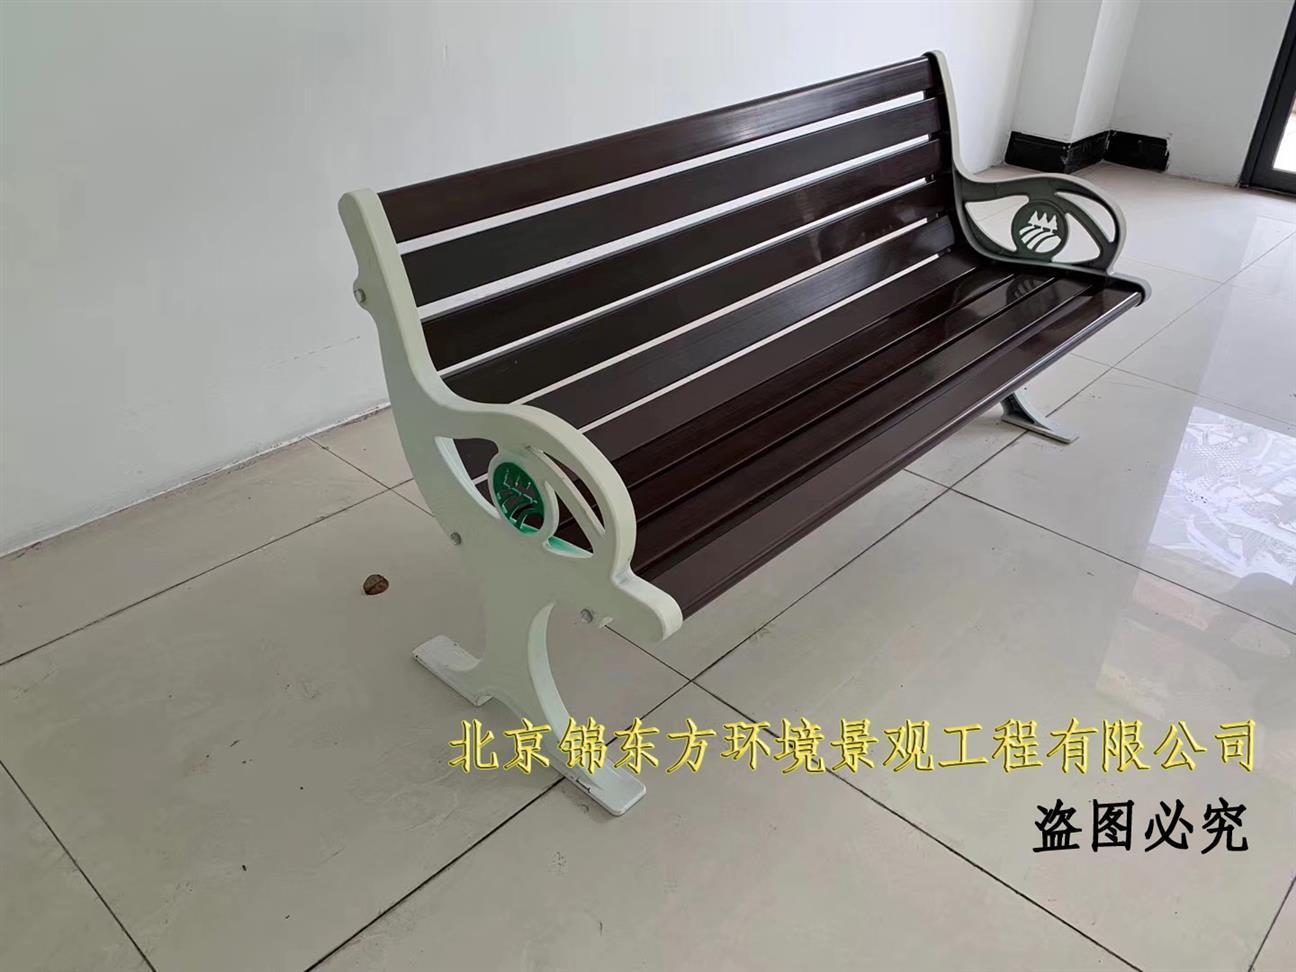 北京马路休息公园椅制作